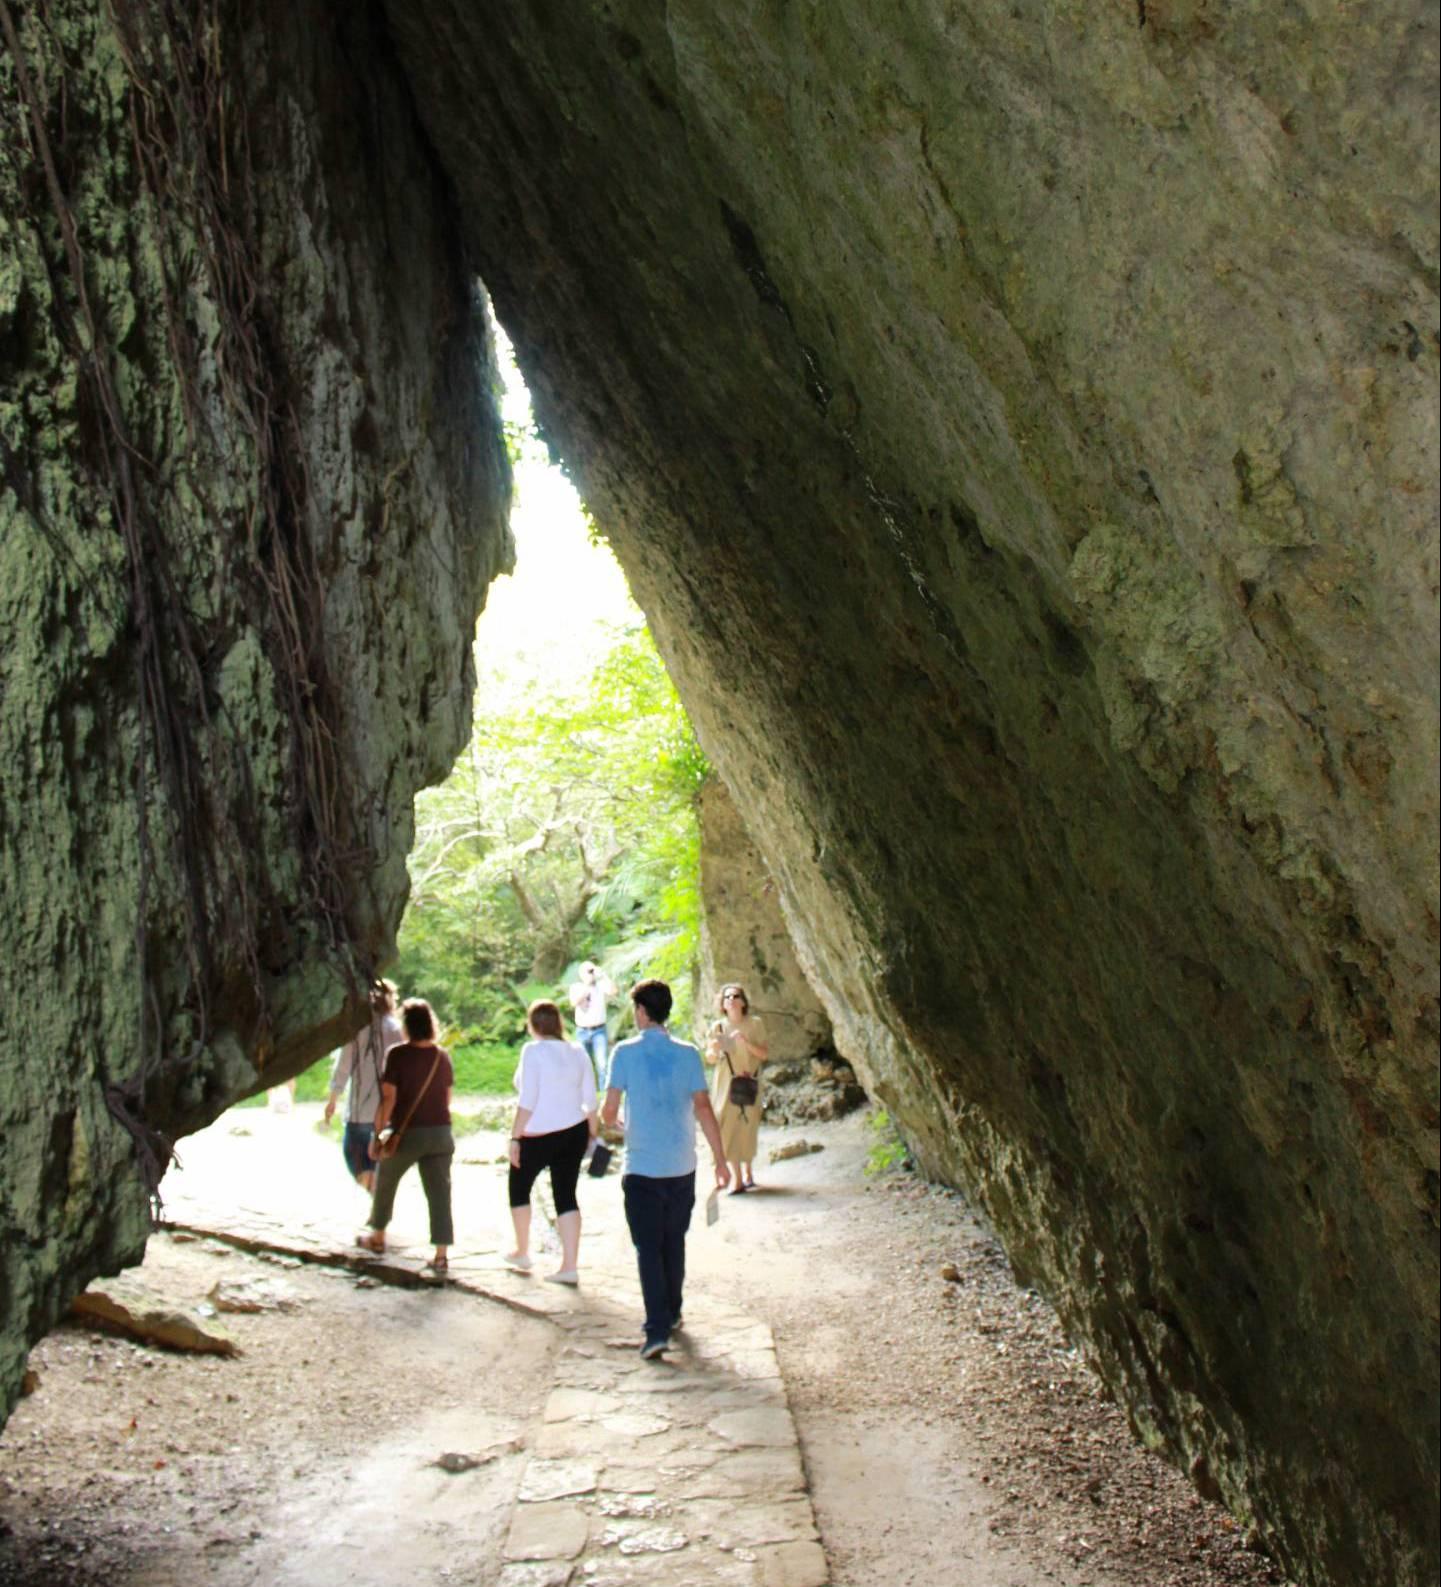 Sēfa Utaki ist eine der heiligsten Stätten der antiken Religion Ryūkyūs.